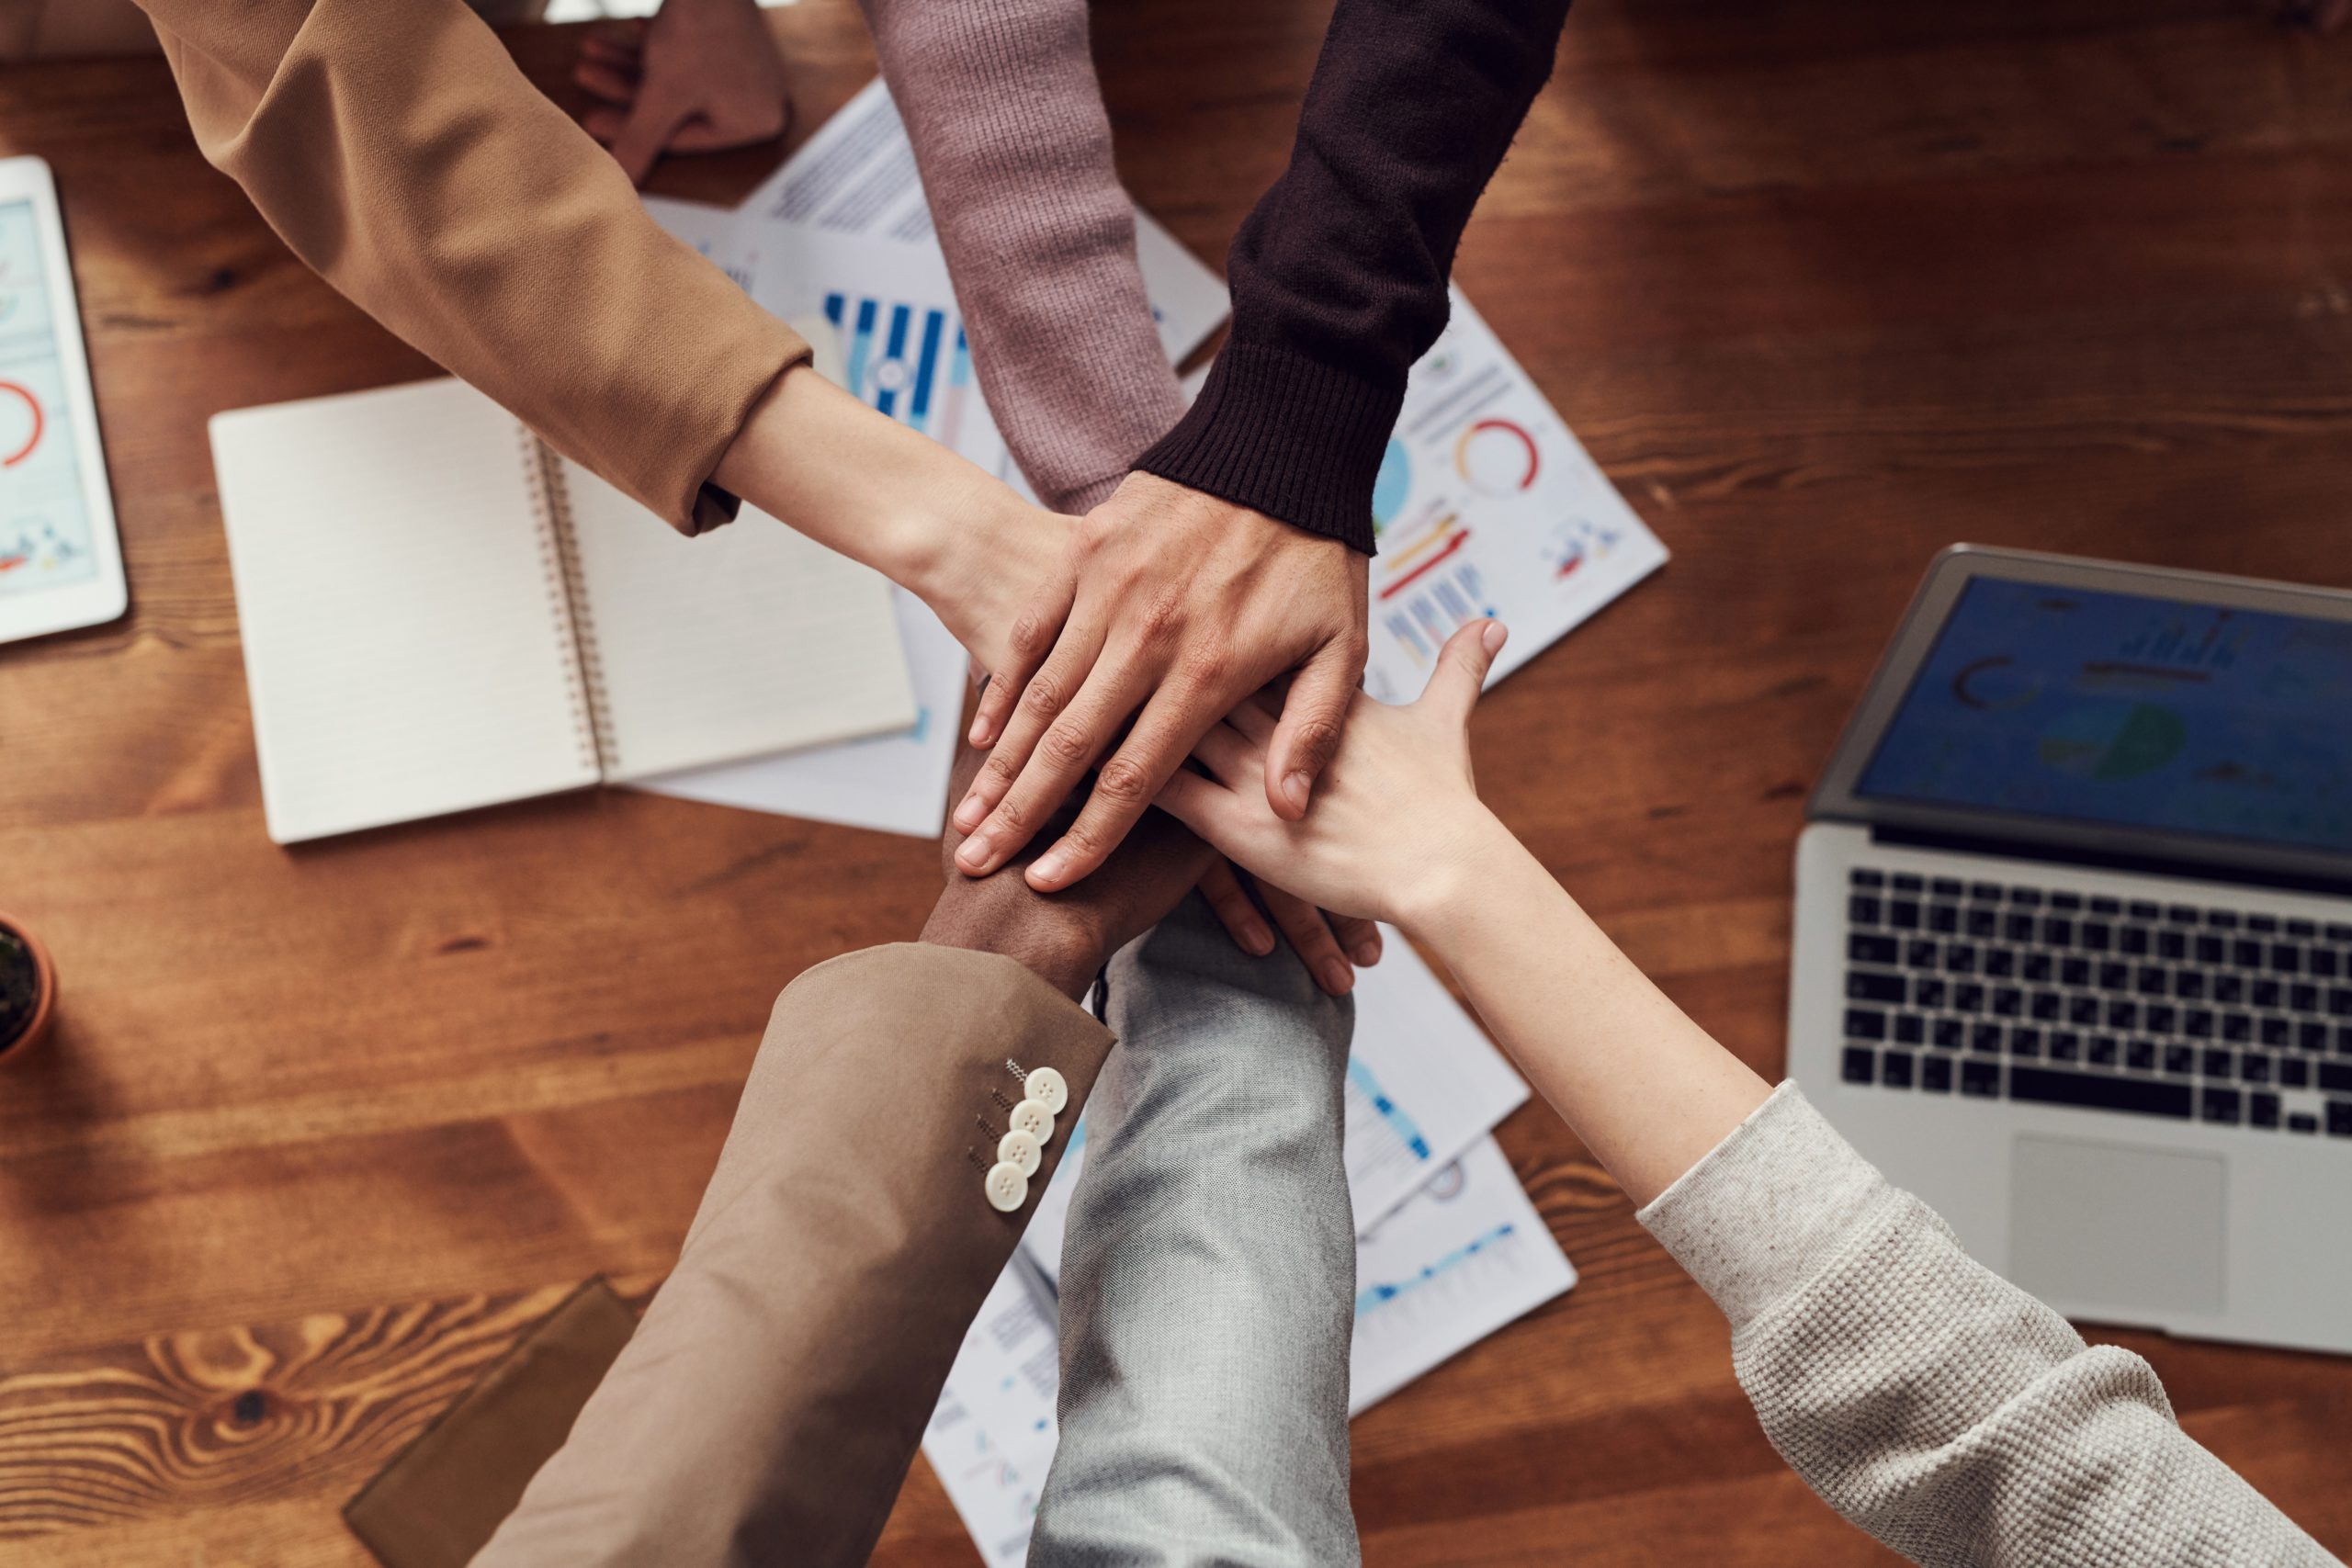 Darbinieku iesaistes veicināšana kā veidot iesaistošu uzņēmuma kultūru